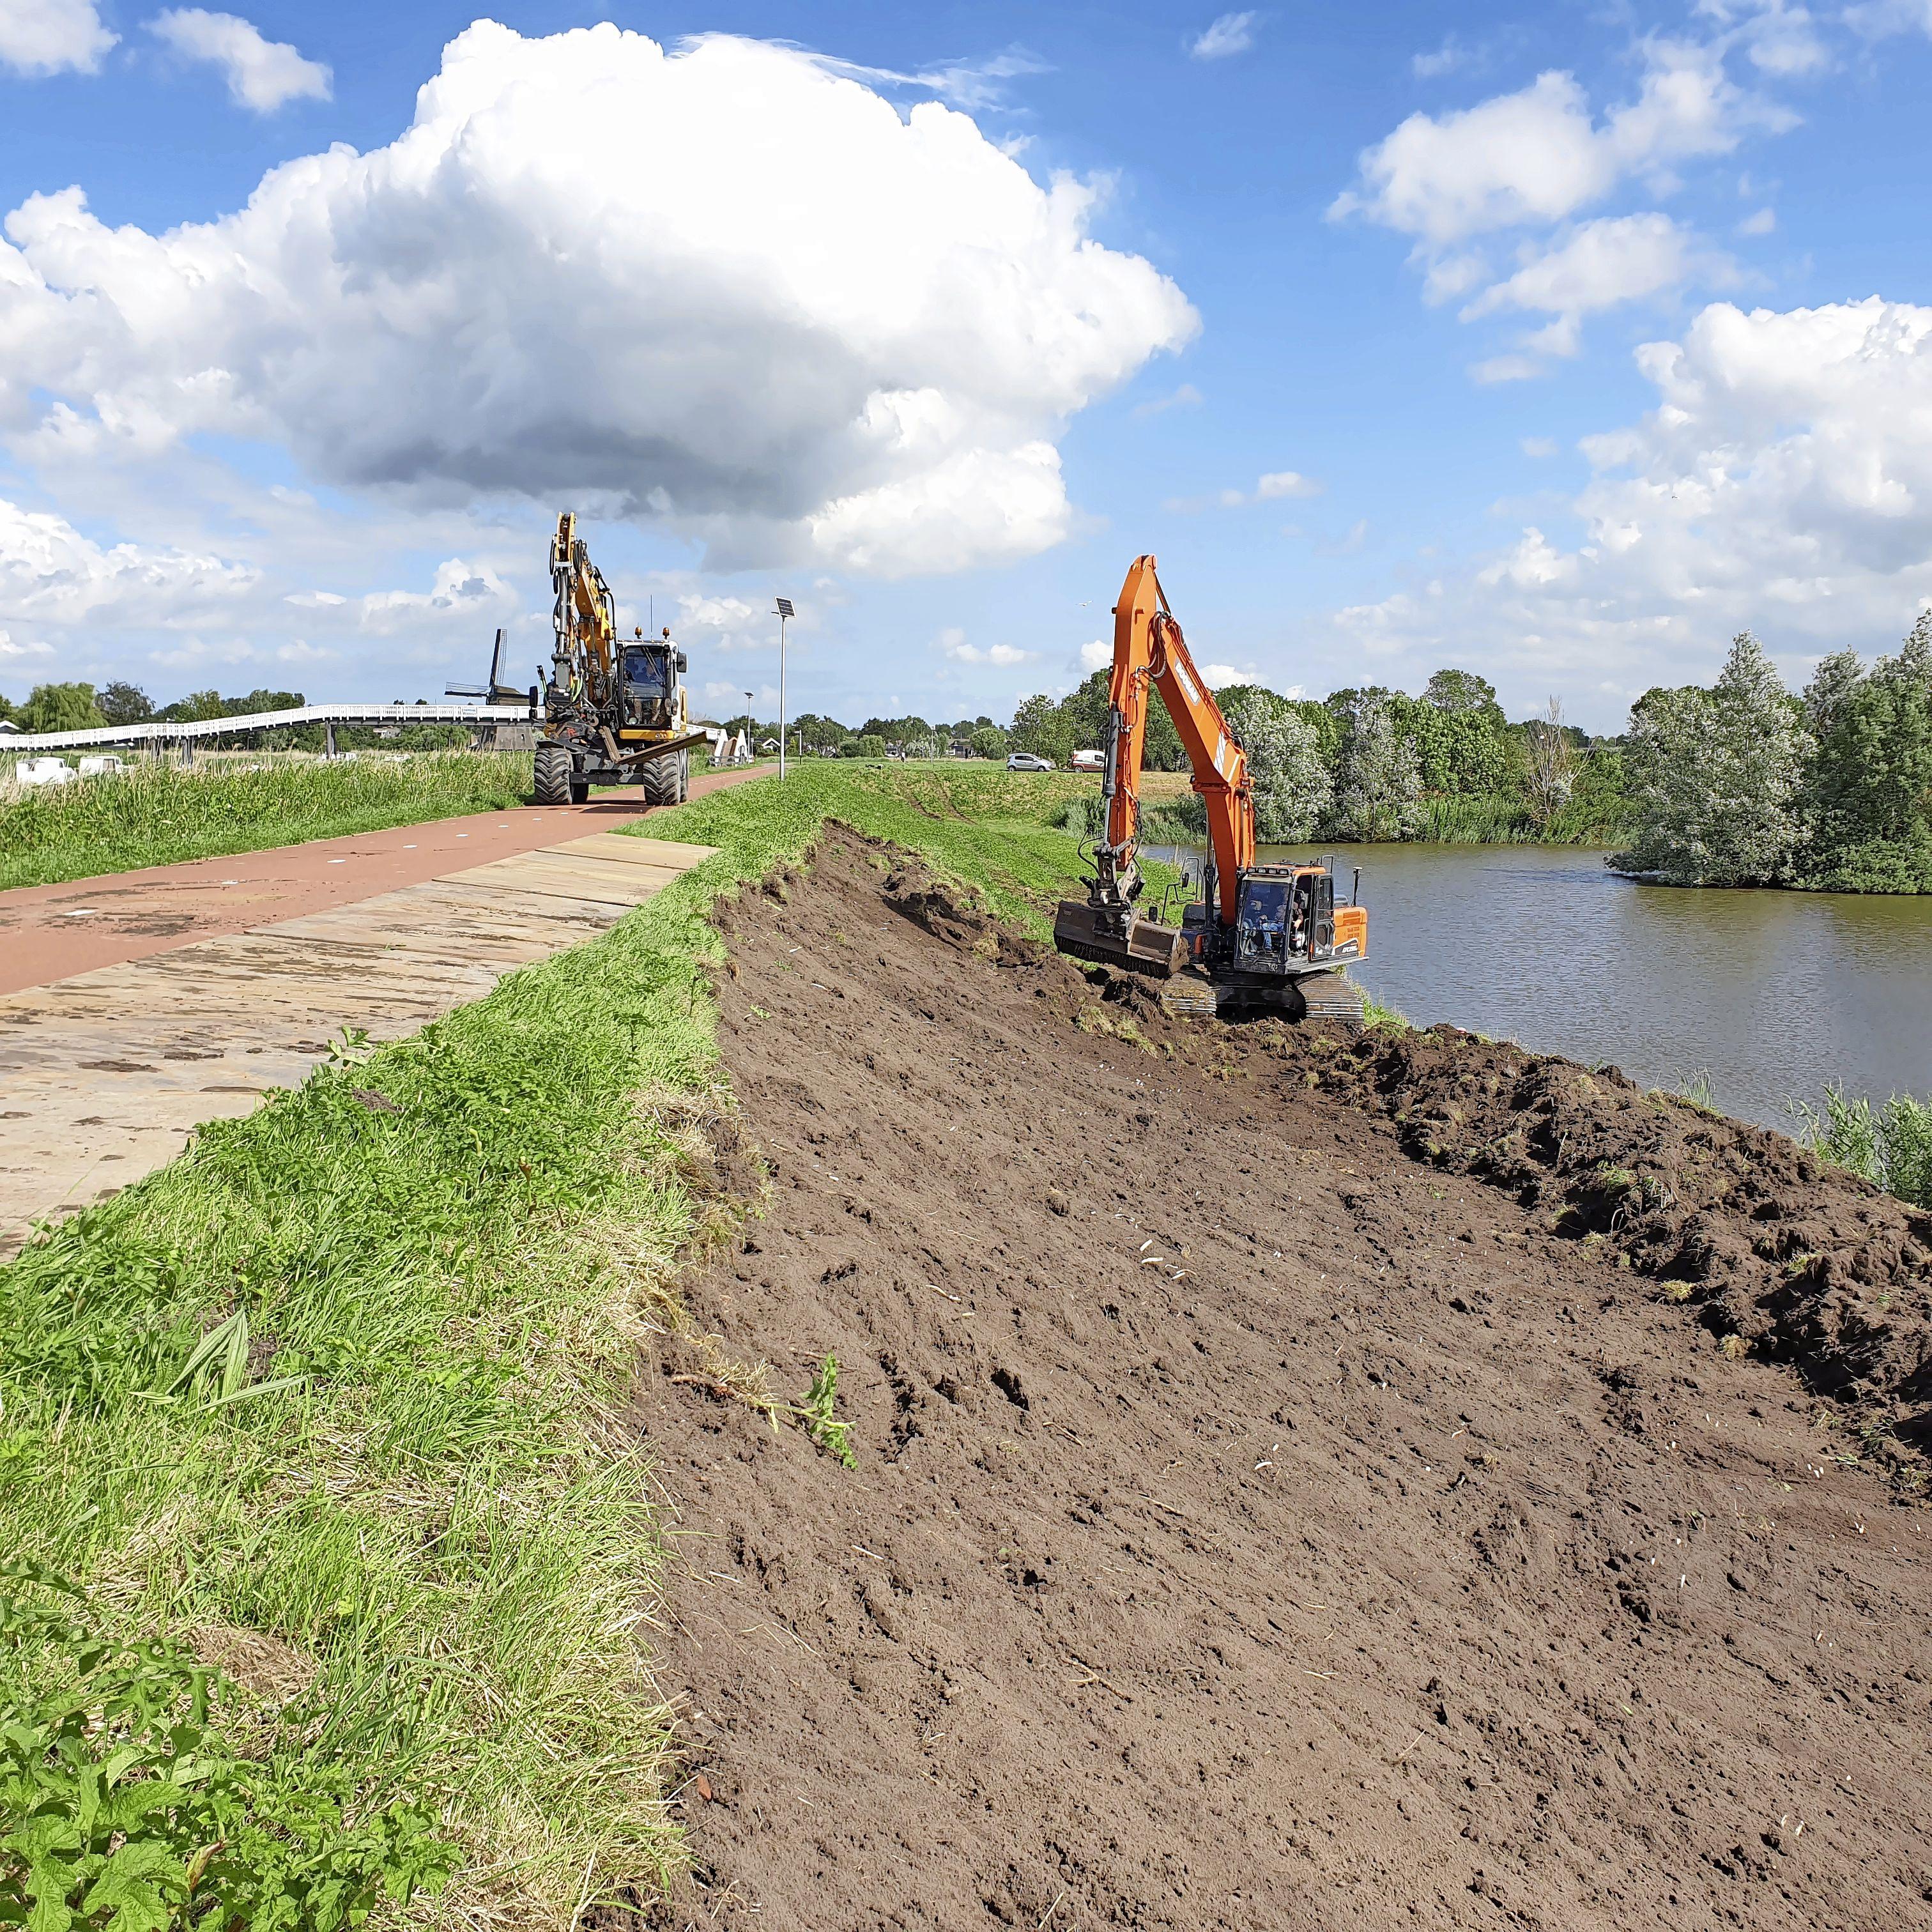 Het einde is na zo'n vier jaar grond- en graafwerk in zicht: slotstuk van versterken Schermerdijk tussen Oudorp en Driehuizen is gestart